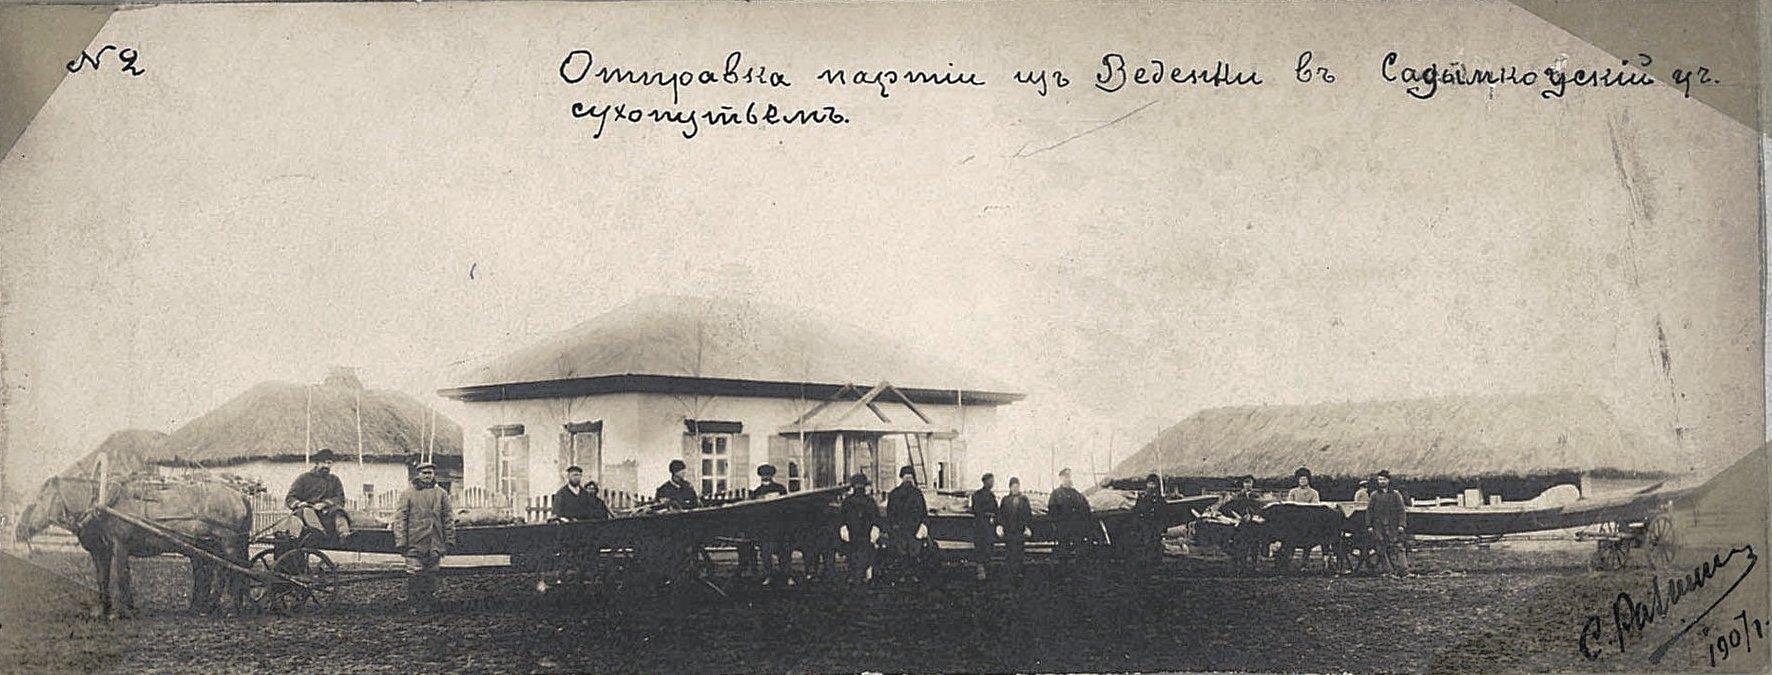 Отправка партии из Веденки на Садымкоуский участок сухопутьем. 1907